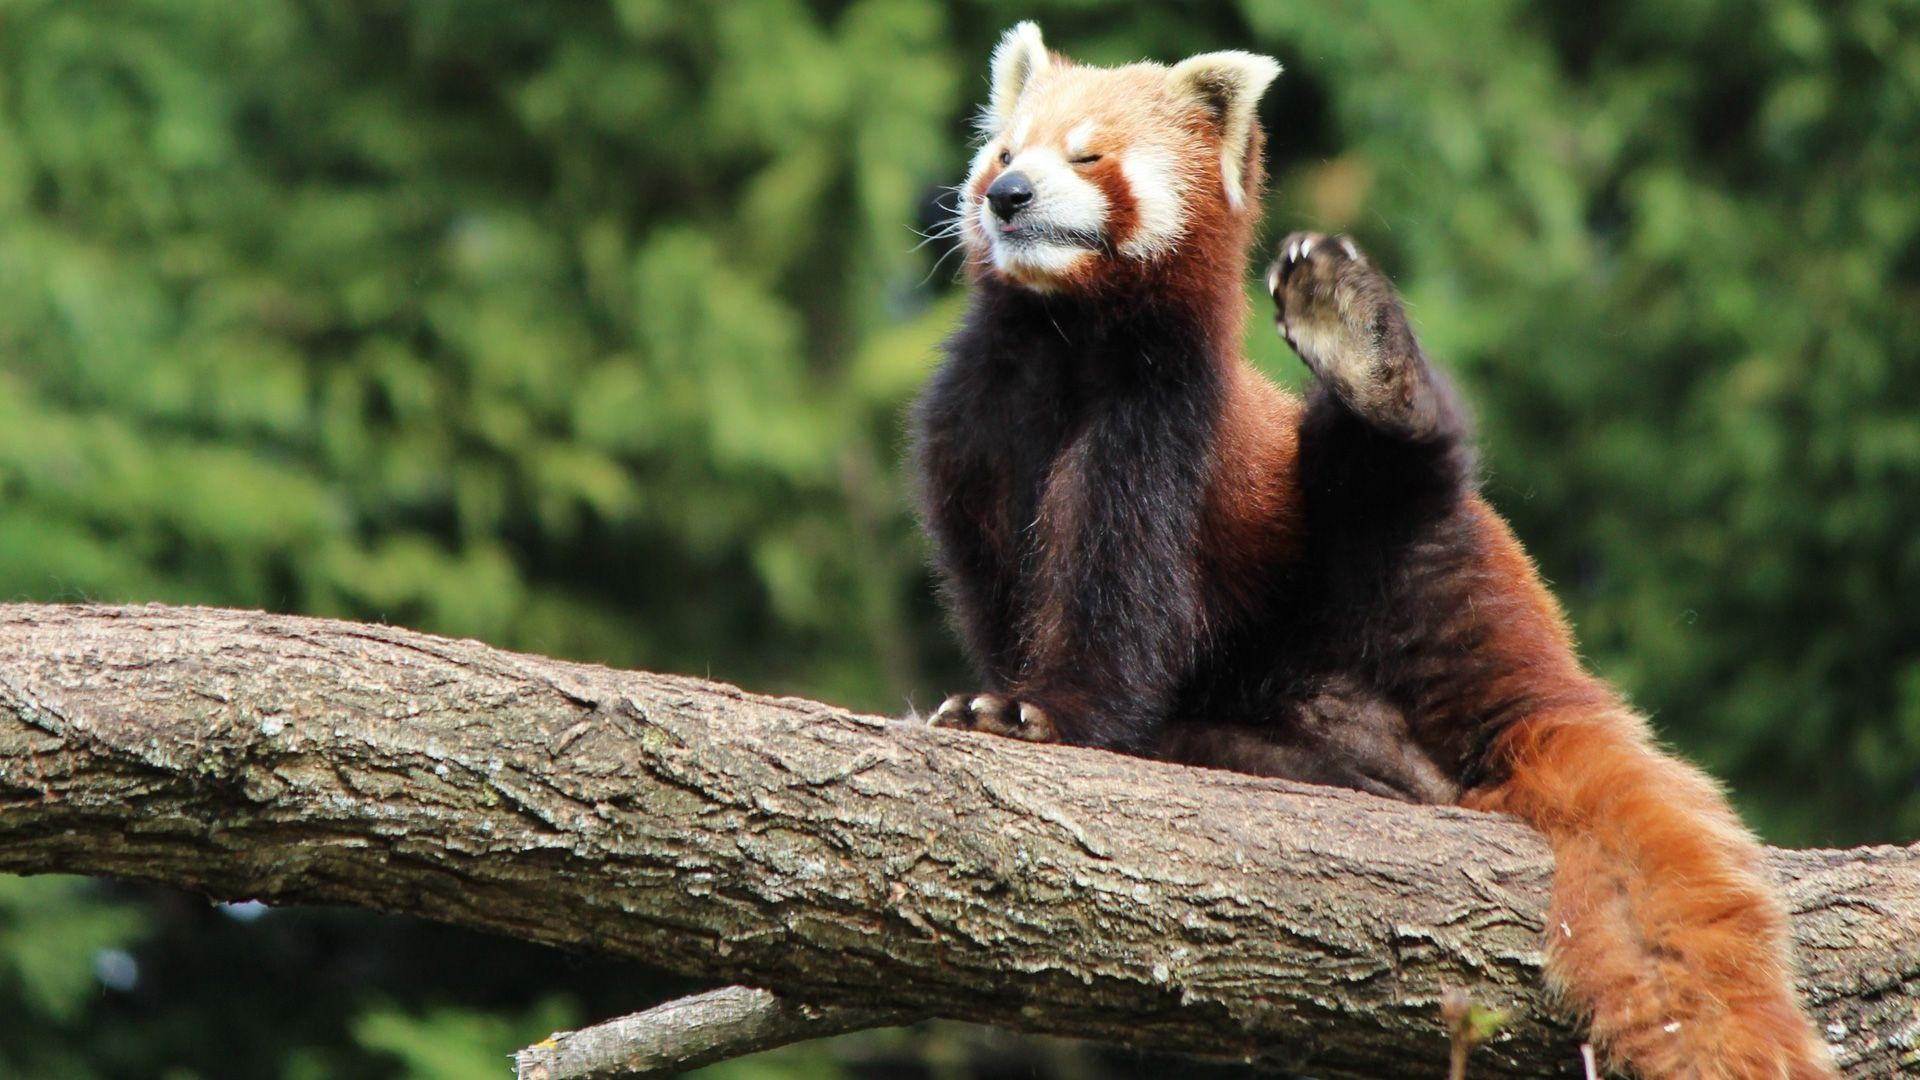 Red Panda Wallpaper Hd 65 Images